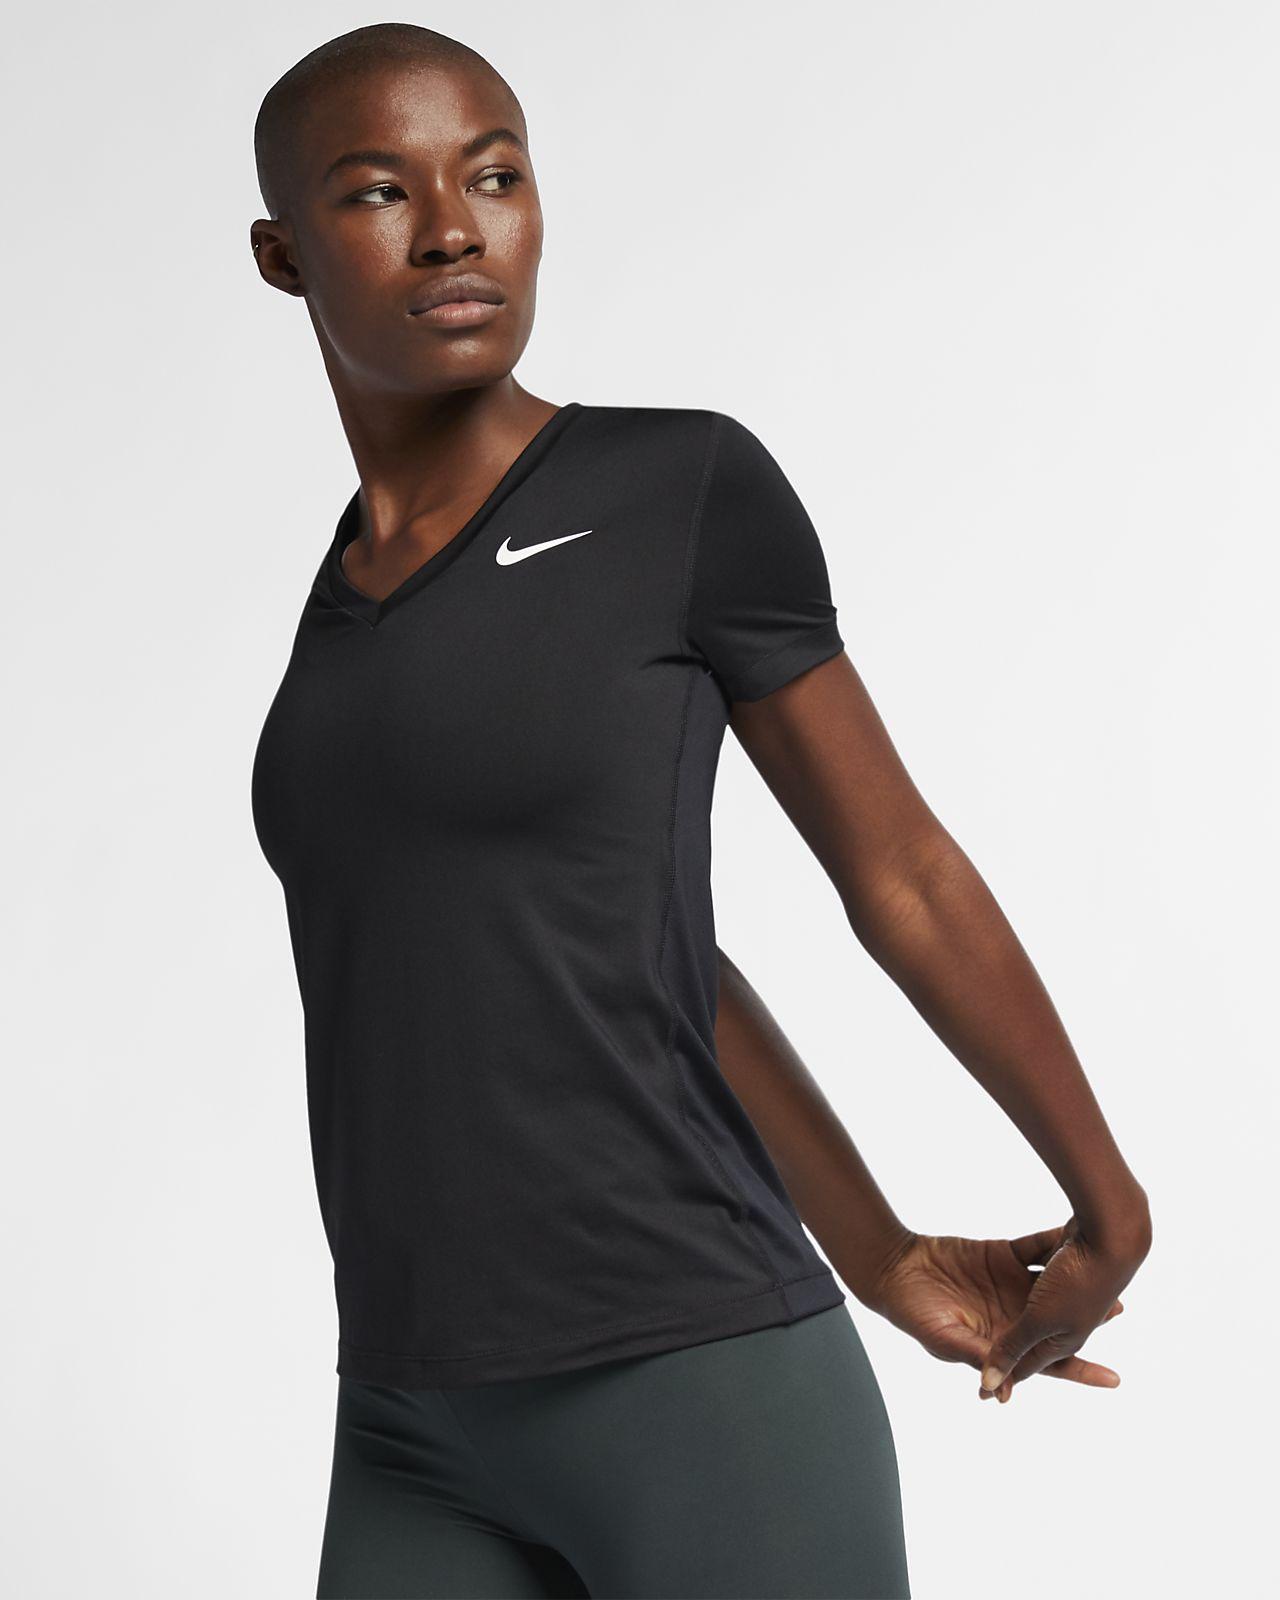 Prenda para la parte superior de entrenamiento de manga corta para mujer Nike Dri-FIT